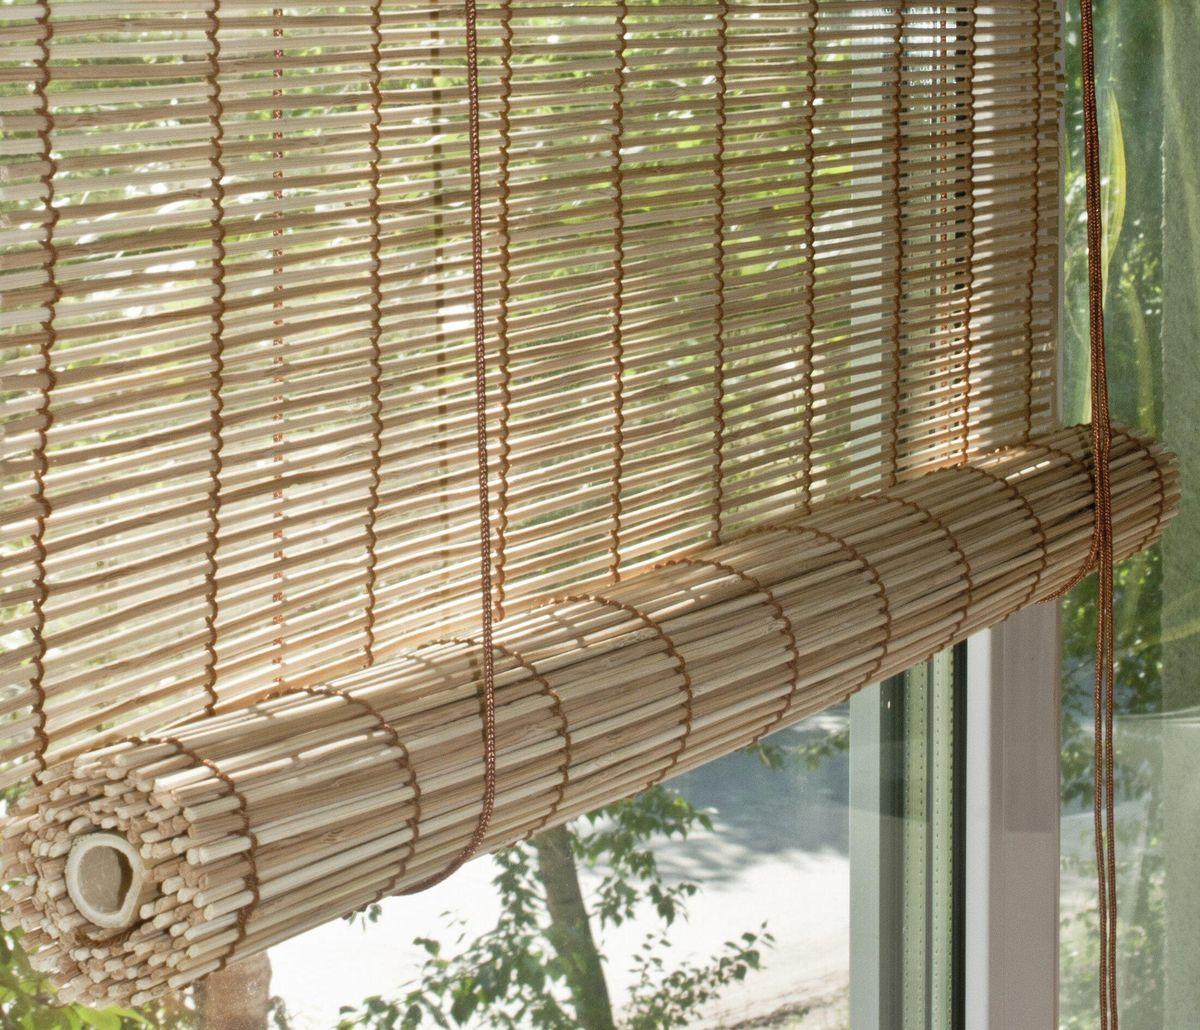 Штора рулонная Эскар Бамбук, цвет: натуральный микс, ширина 120 см, высота 160 смGC020/00При оформлении интерьера современных помещений многие отдают предпочтение природным материалам. Бамбуковые рулонные шторы - одно из натуральных изделий, способное сделать атмосферу помещения более уютной и в то же время необычной. Свойства бамбука уникальны: он экологически чист, так как быстро вырастает, благодаря чему не успевает накопить вредные вещества из окружающей среды. Кроме того, растение обладает противомикробным и антибактериальным действием. Занавеси из бамбука безопасно использовать в помещениях, где находятся новорожденные дети и люди, склонные к аллергии. Они незаменимы для тех, кто заботится о своем здоровье и уделяет внимание высокому уровню жизни.Бамбуковые рулонные шторы представляют собой полотно, состоящее из тонких бамбуковых стеблей и сворачиваемое в рулон.Римские бамбуковые шторы, как и тканевые римские шторы, при поднятии образуют крупные складки, которые прекрасно декорируют окно.Особенность устройства полотна позволяет свободно пропускать дневной свет, что обеспечивает мягкое освещение комнаты. Это натуральный влагостойкий материал, который легко вписывается в любой интерьер, хорошо сочетается с различной мебелью и элементами отделки. Использование бамбукового полотна придает помещению необычный вид и визуально расширяет пространство.Помимо внешней красоты, это еще и очень удобные конструкции, экономящие пространство. Изготавливаются они из специальных материалов, устойчивых к внешним воздействиям. Сама штора очень эргономичная, и позволяет изменять визуально пространство в зависимости от потребностей владельца.